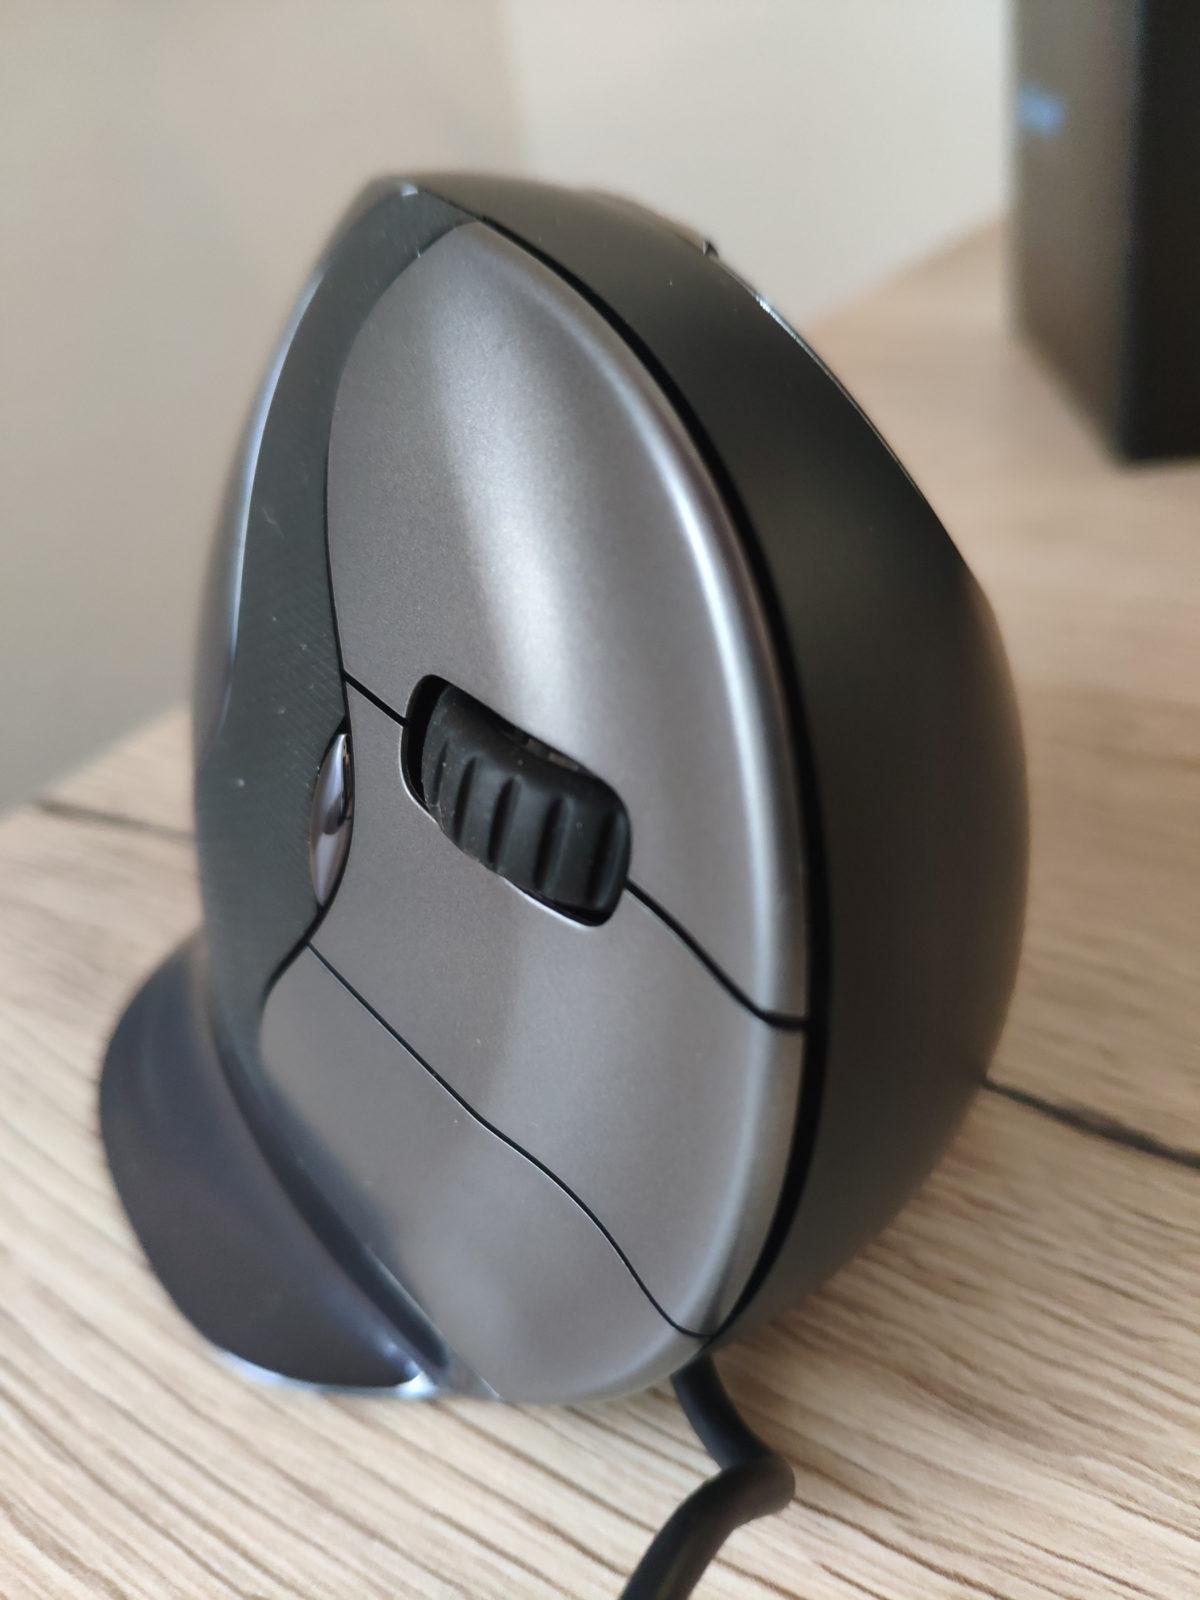 Evoluent Vertical Mouse D - Drei gefurchte Maustasten